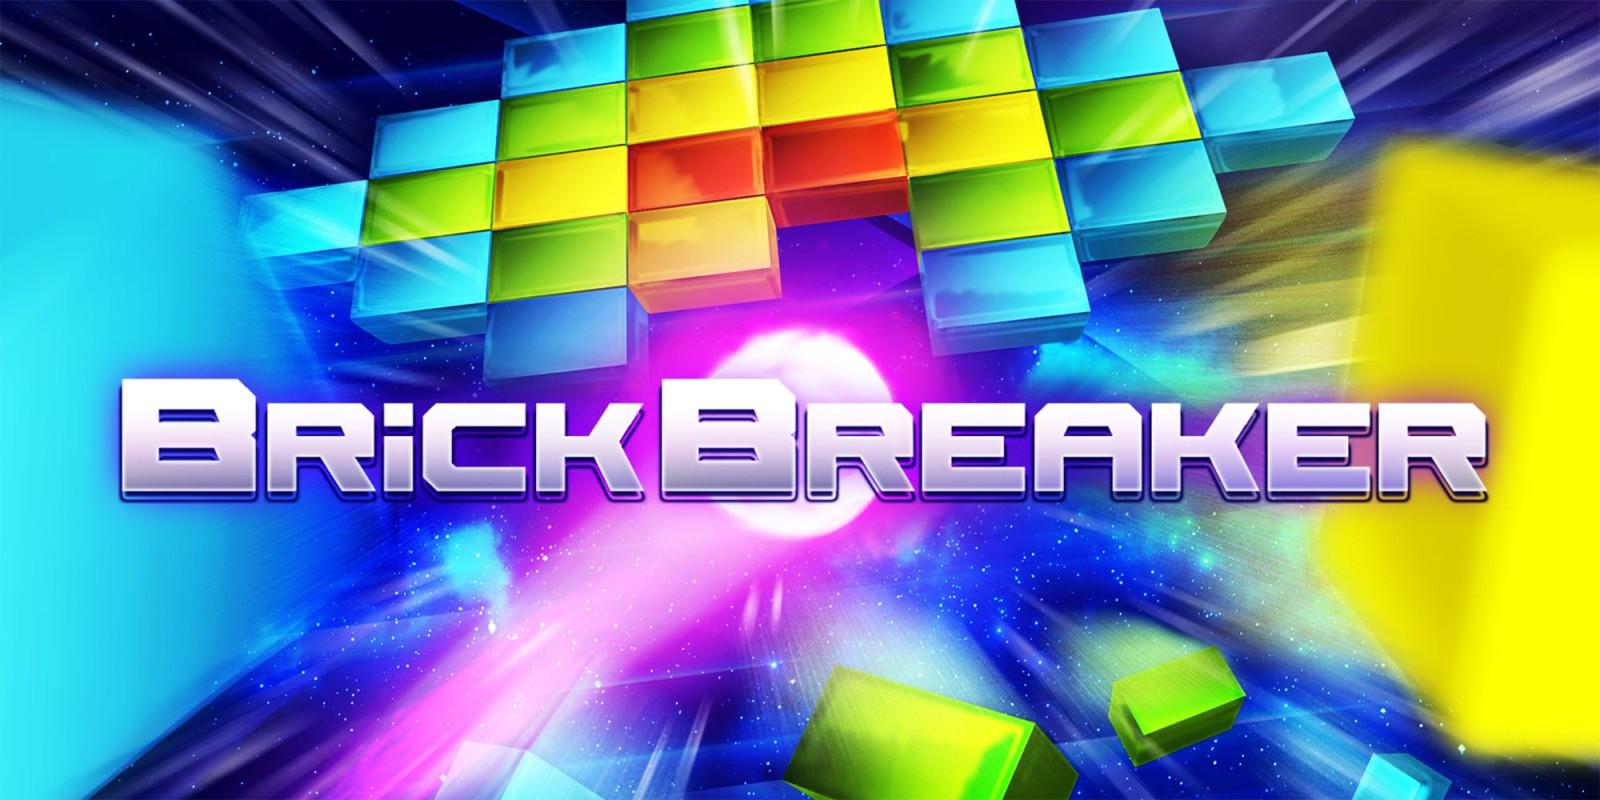 Brick Breaker | Jeux À Télécharger Sur Nintendo Switch avec Jeu De Brique Gratuit